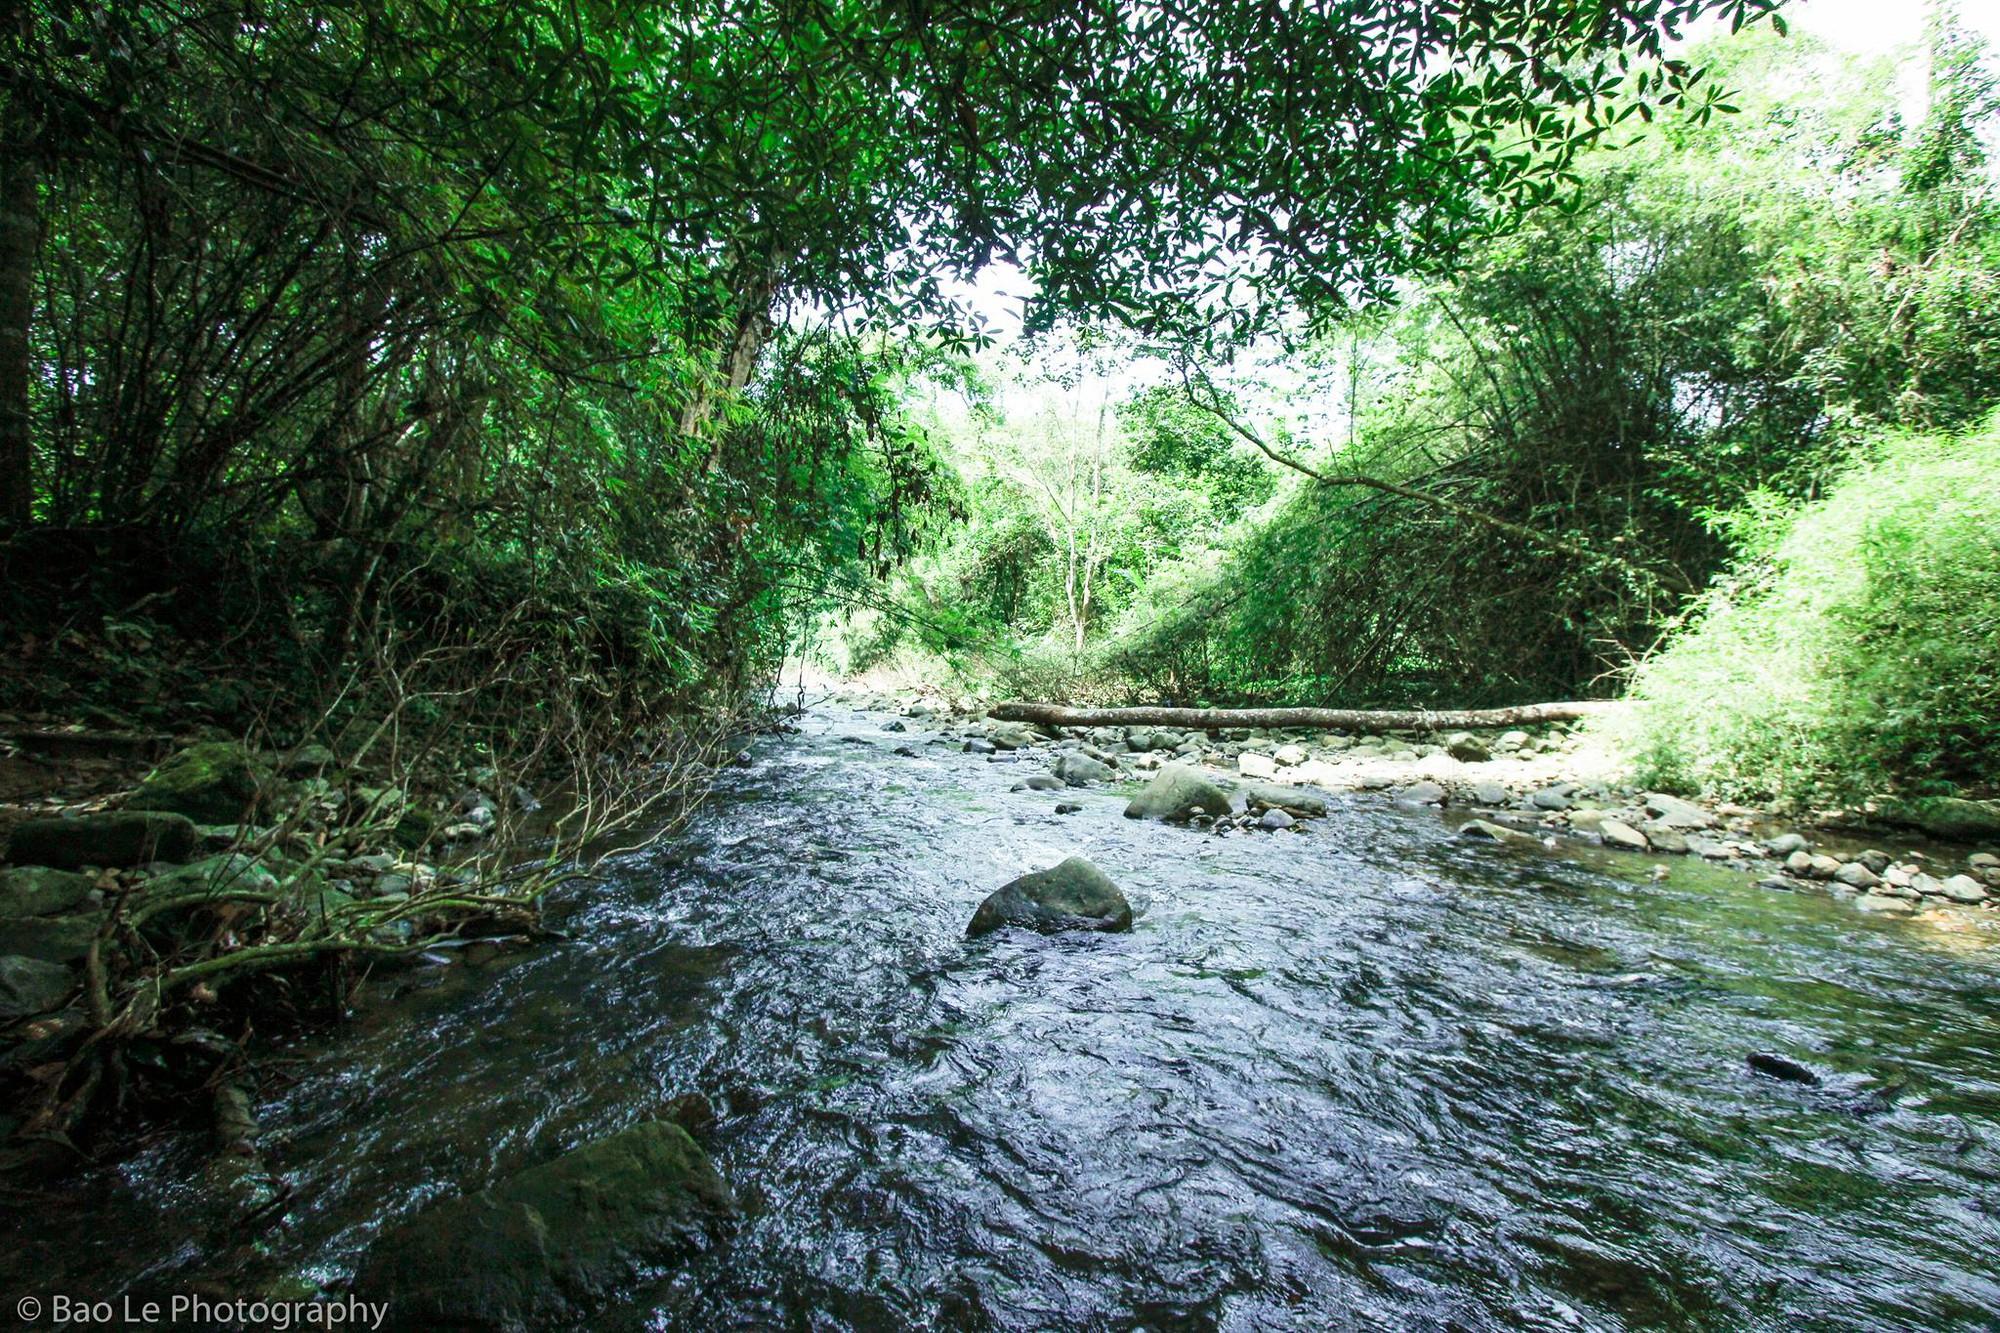 Những tai nạn đáng tiếc ở Tà Năng - Phan Dũng: Cung đường trekking đẹp nhất Việt Nam nhưng cũng đầy hiểm nguy khó lường 11